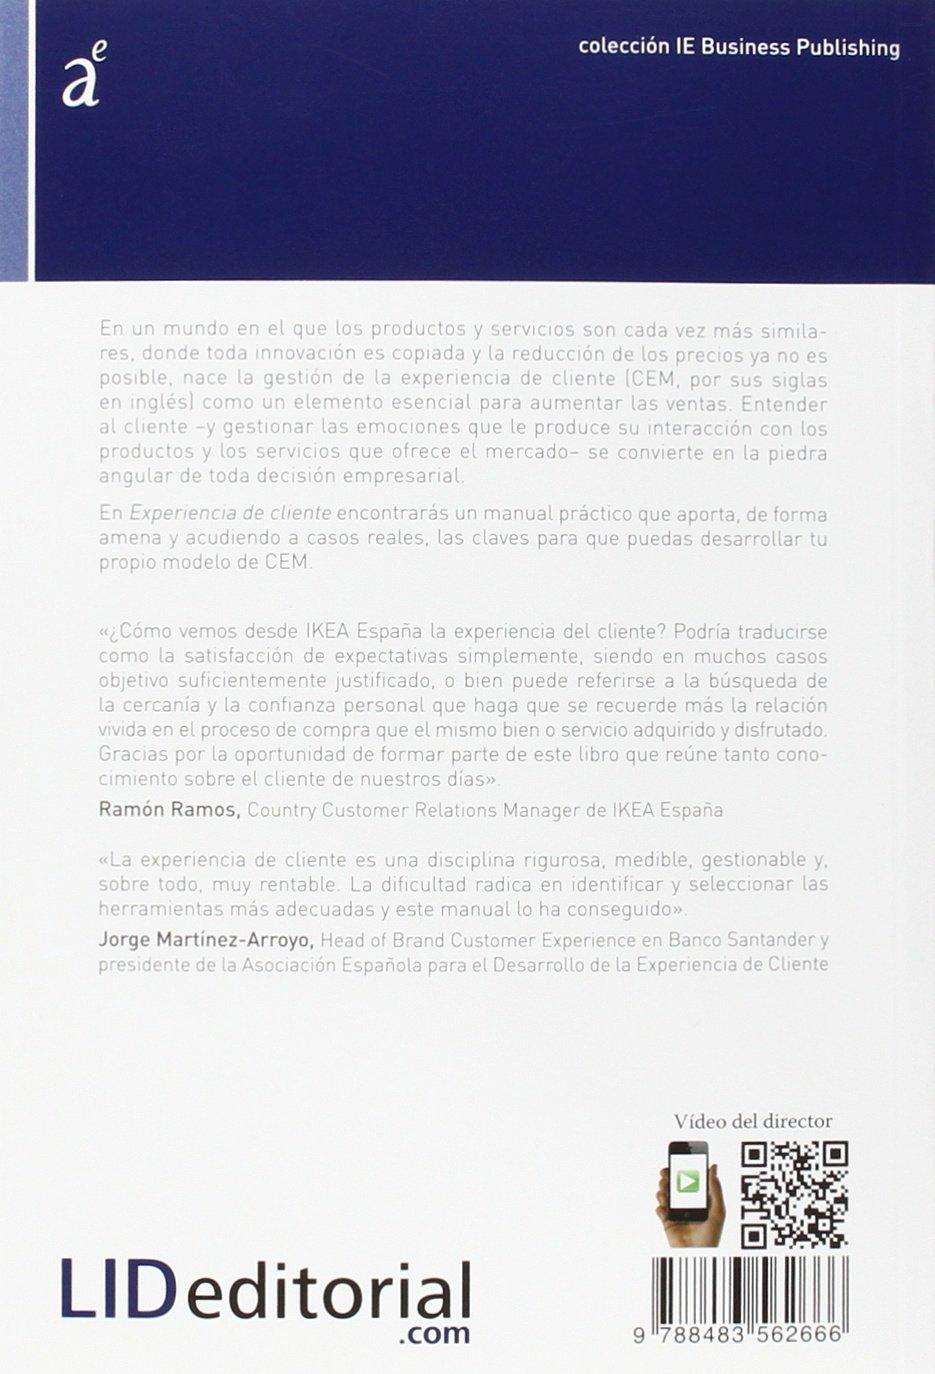 Experiencia de cliente colección IE Business Publishing: Amazon.es: Marcos González de La-Hoz Fernández, Almudena Román: Libros